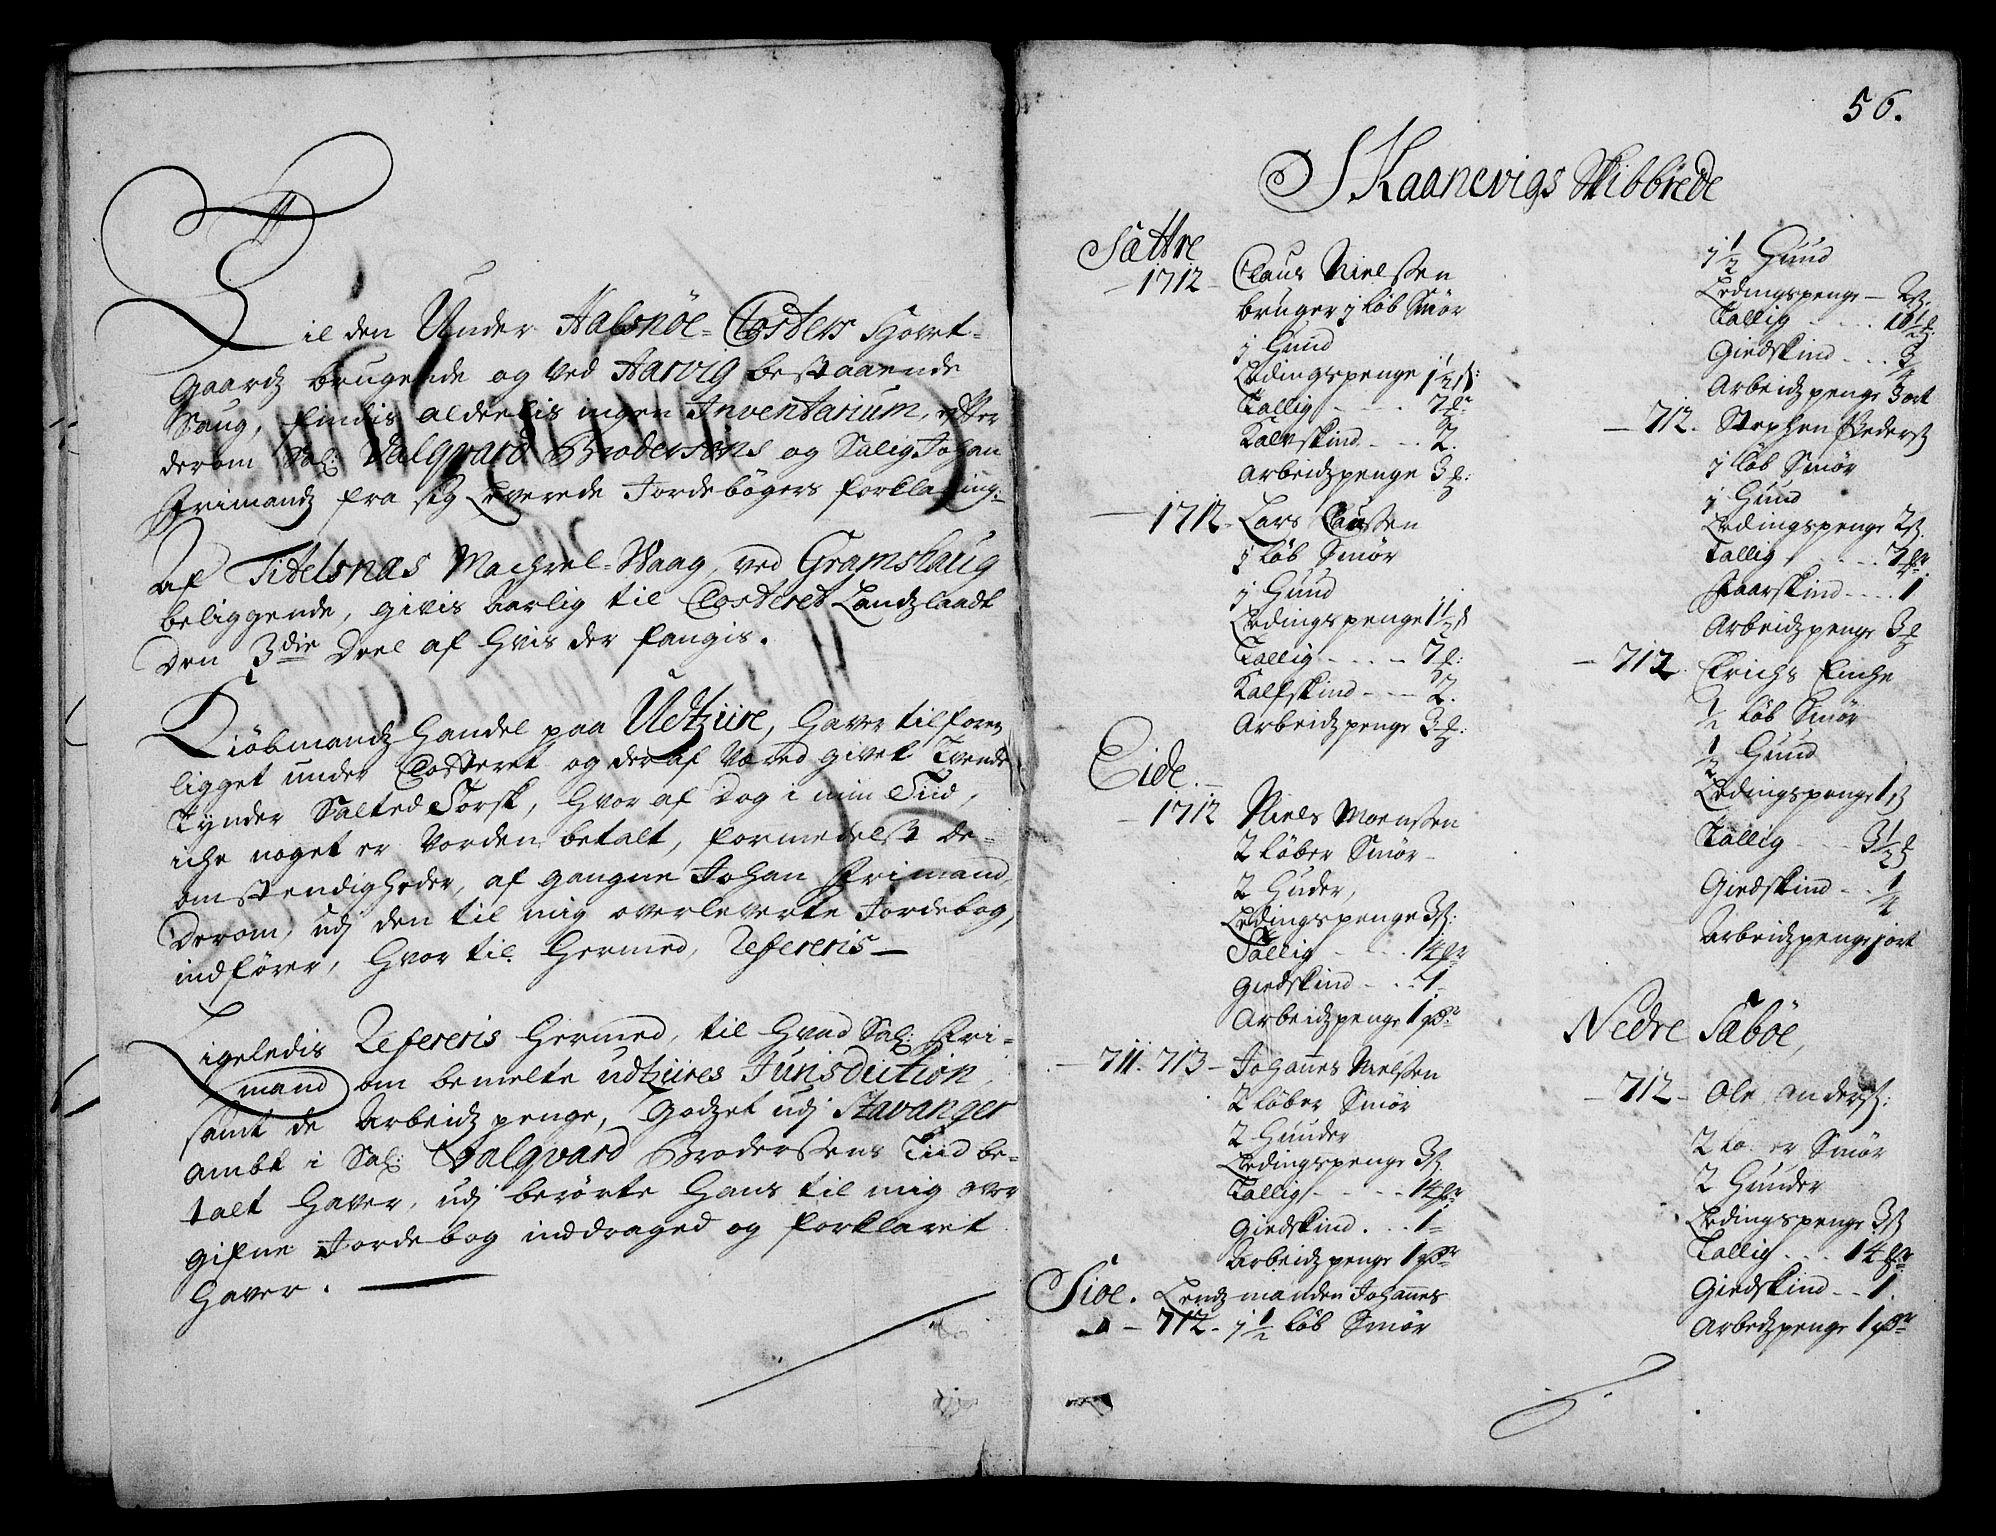 RA, Rentekammeret inntil 1814, Realistisk ordnet avdeling, On/L0003: [Jj 4]: Kommisjonsforretning over Vilhelm Hanssøns forpaktning av Halsnøy klosters gods, 1712-1722, s. 55b-56a